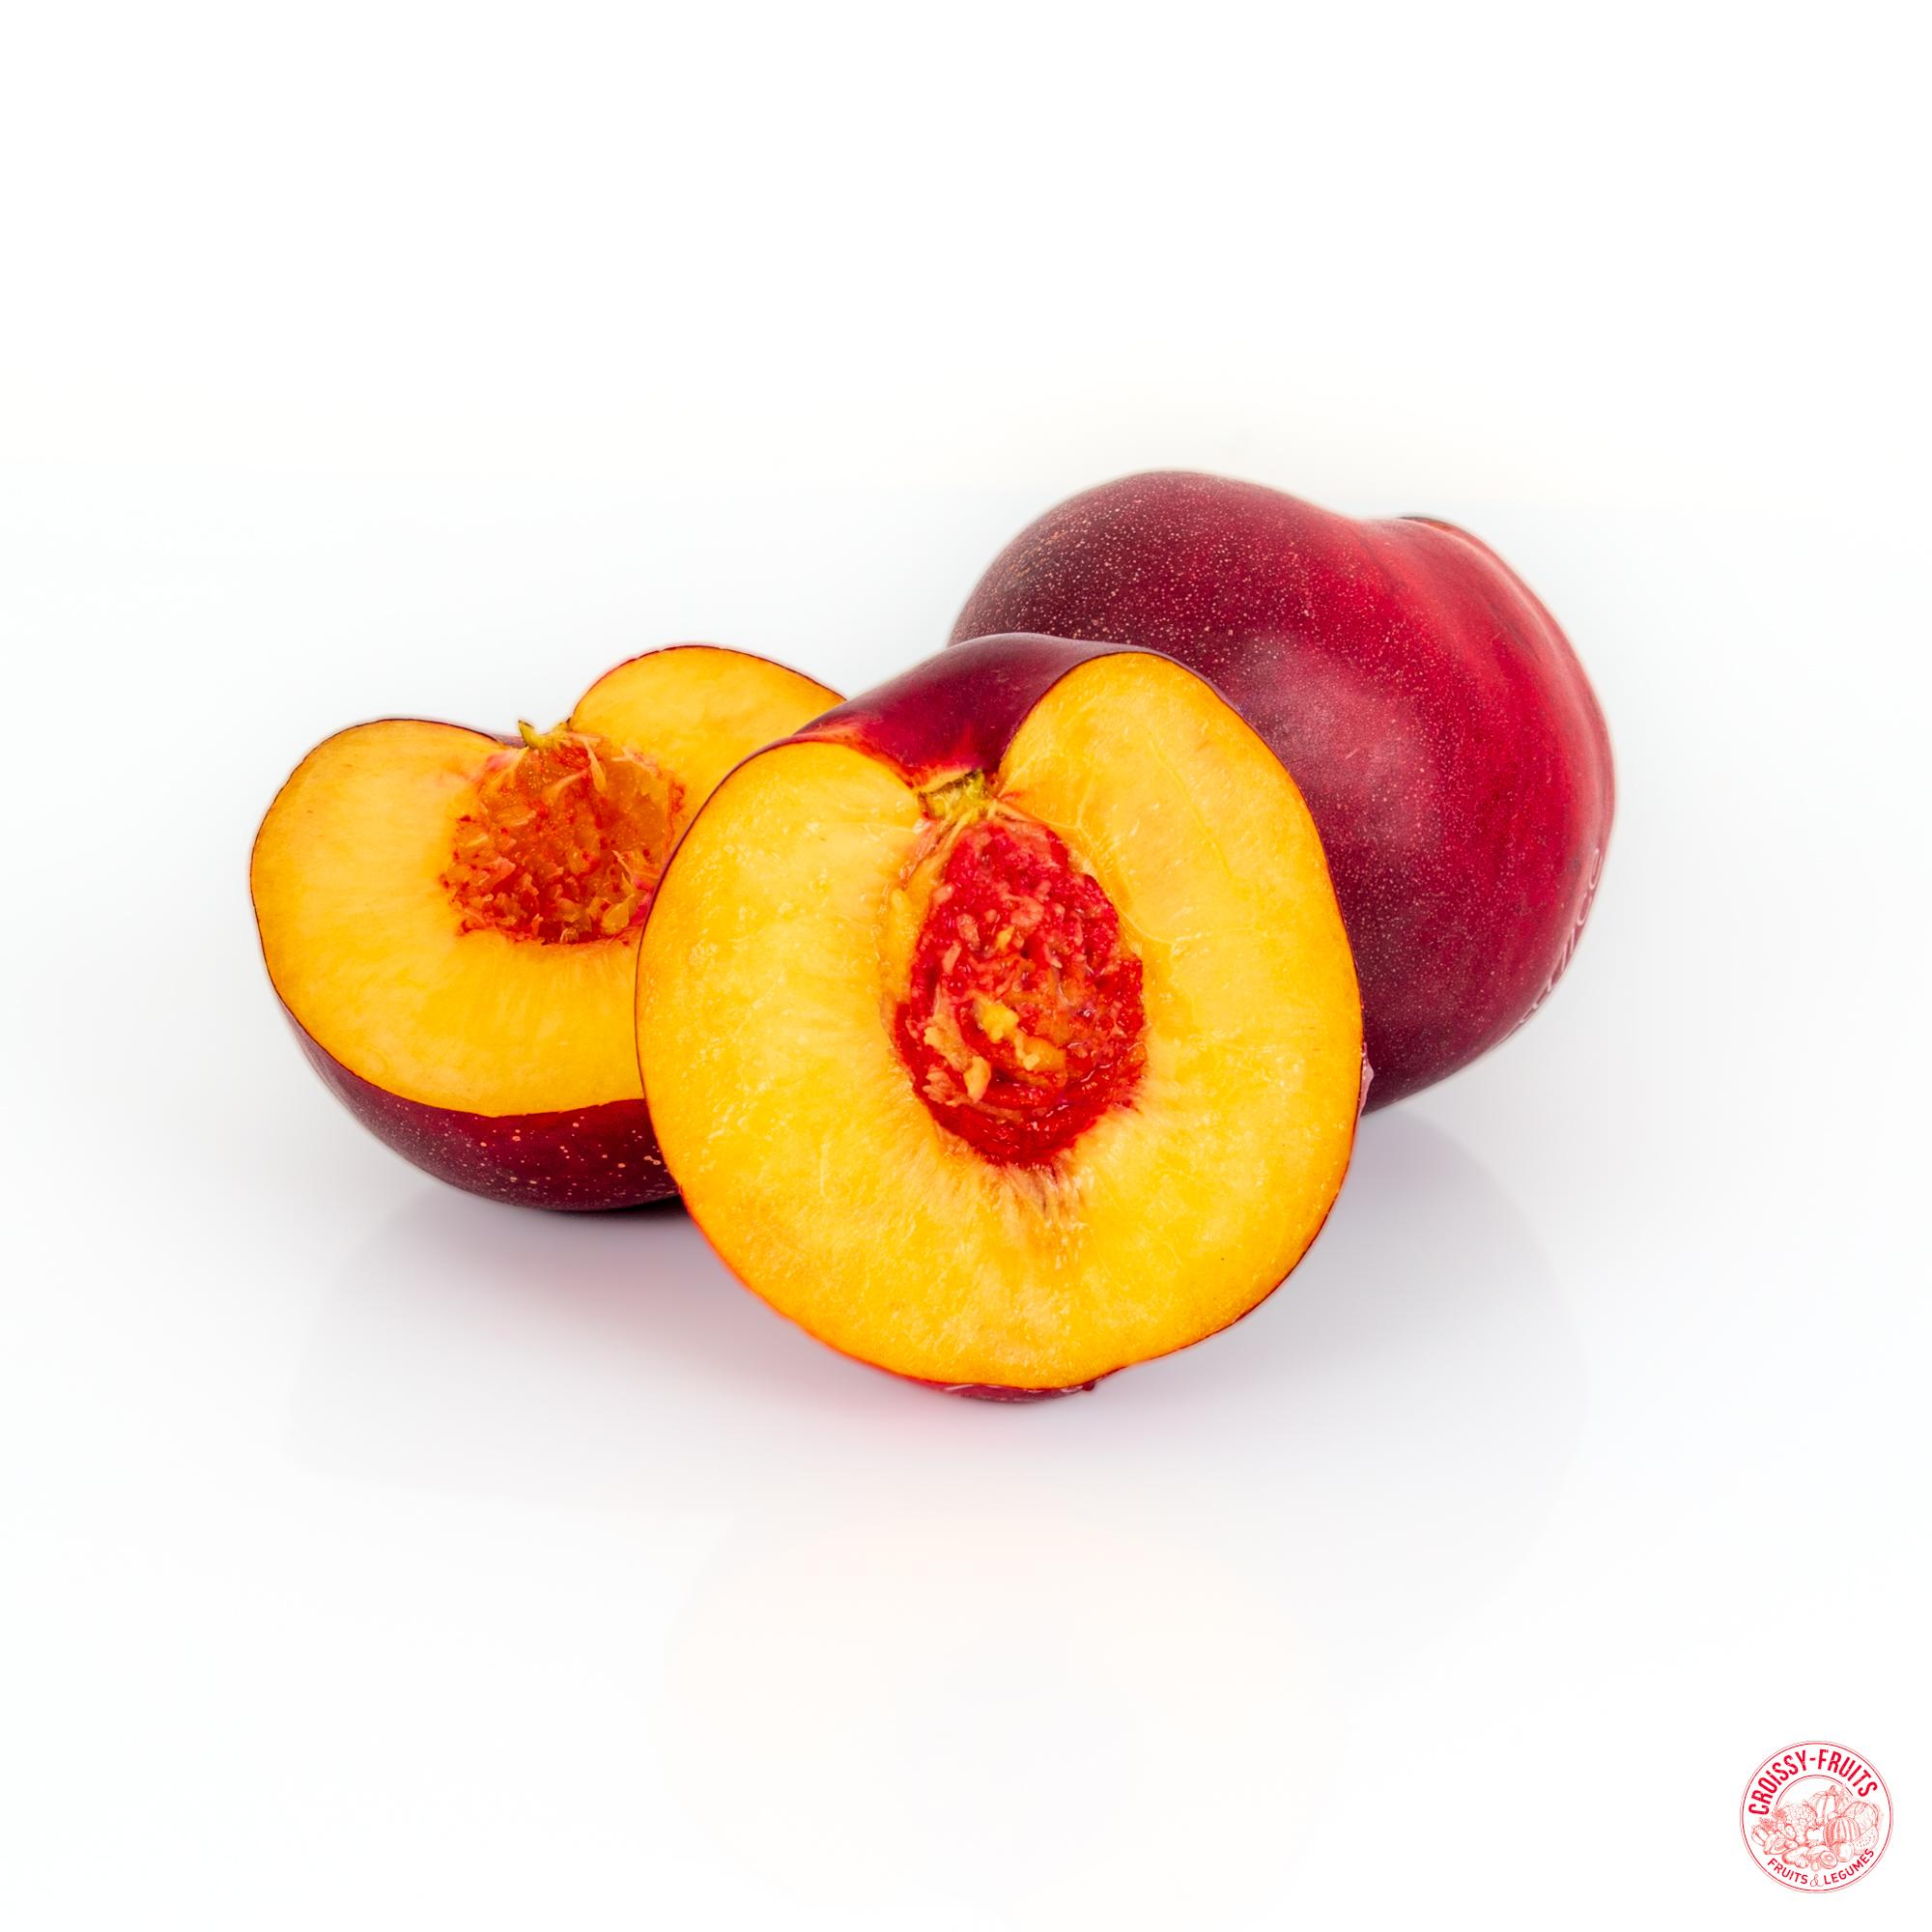 Nectarine Jaune d'Espagne